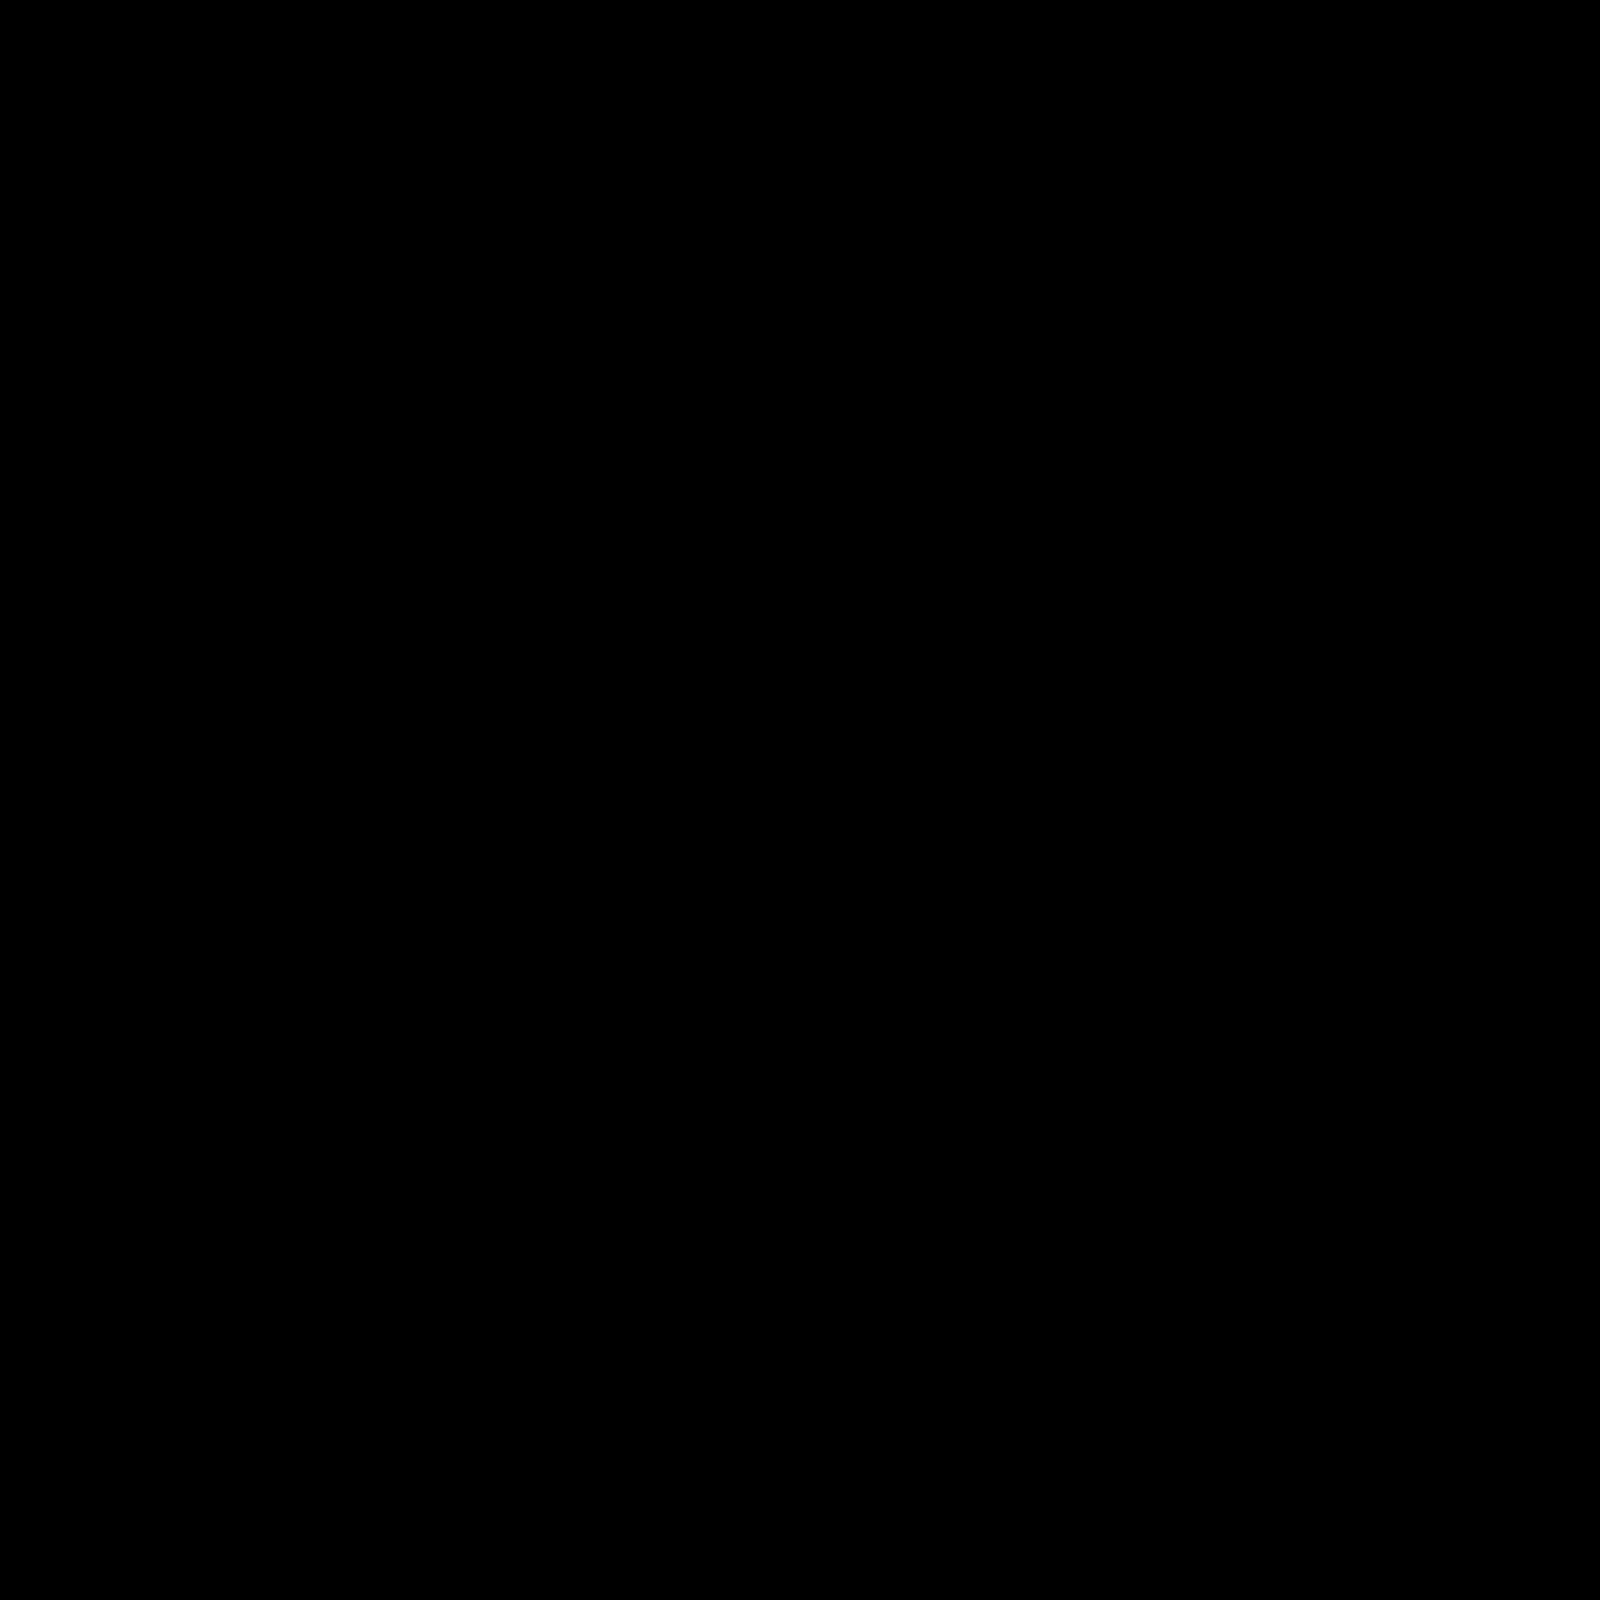 Sejf w środku icon